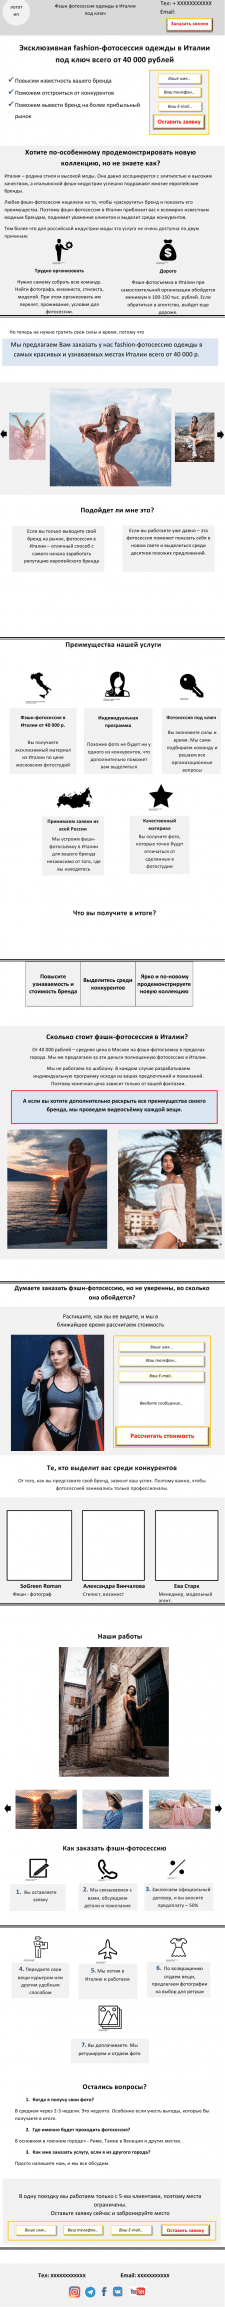 Фэшн-фотосессия одежды в Италии